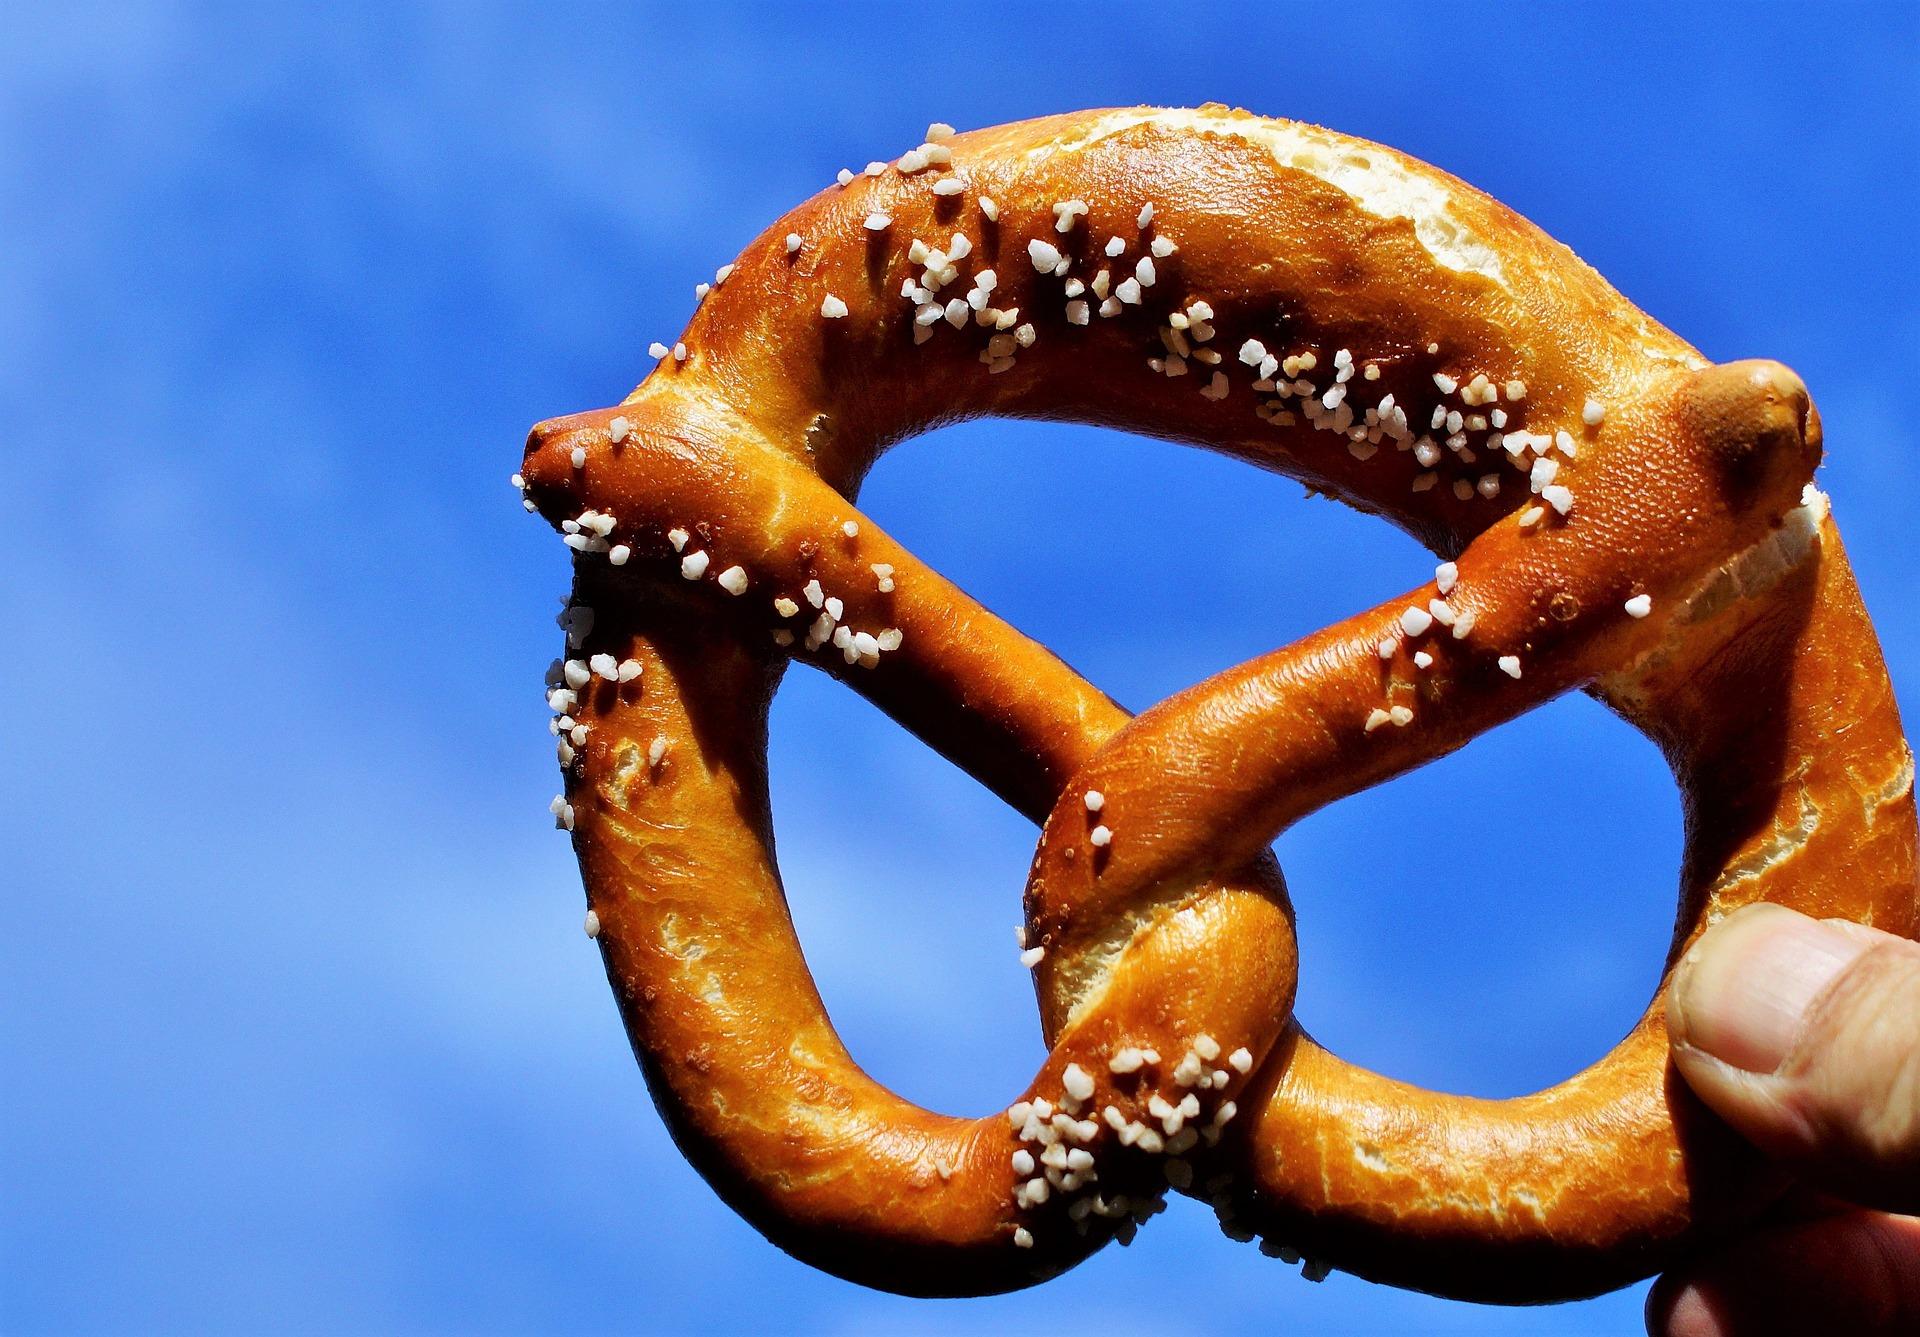 Breze oktoberfest pretzel